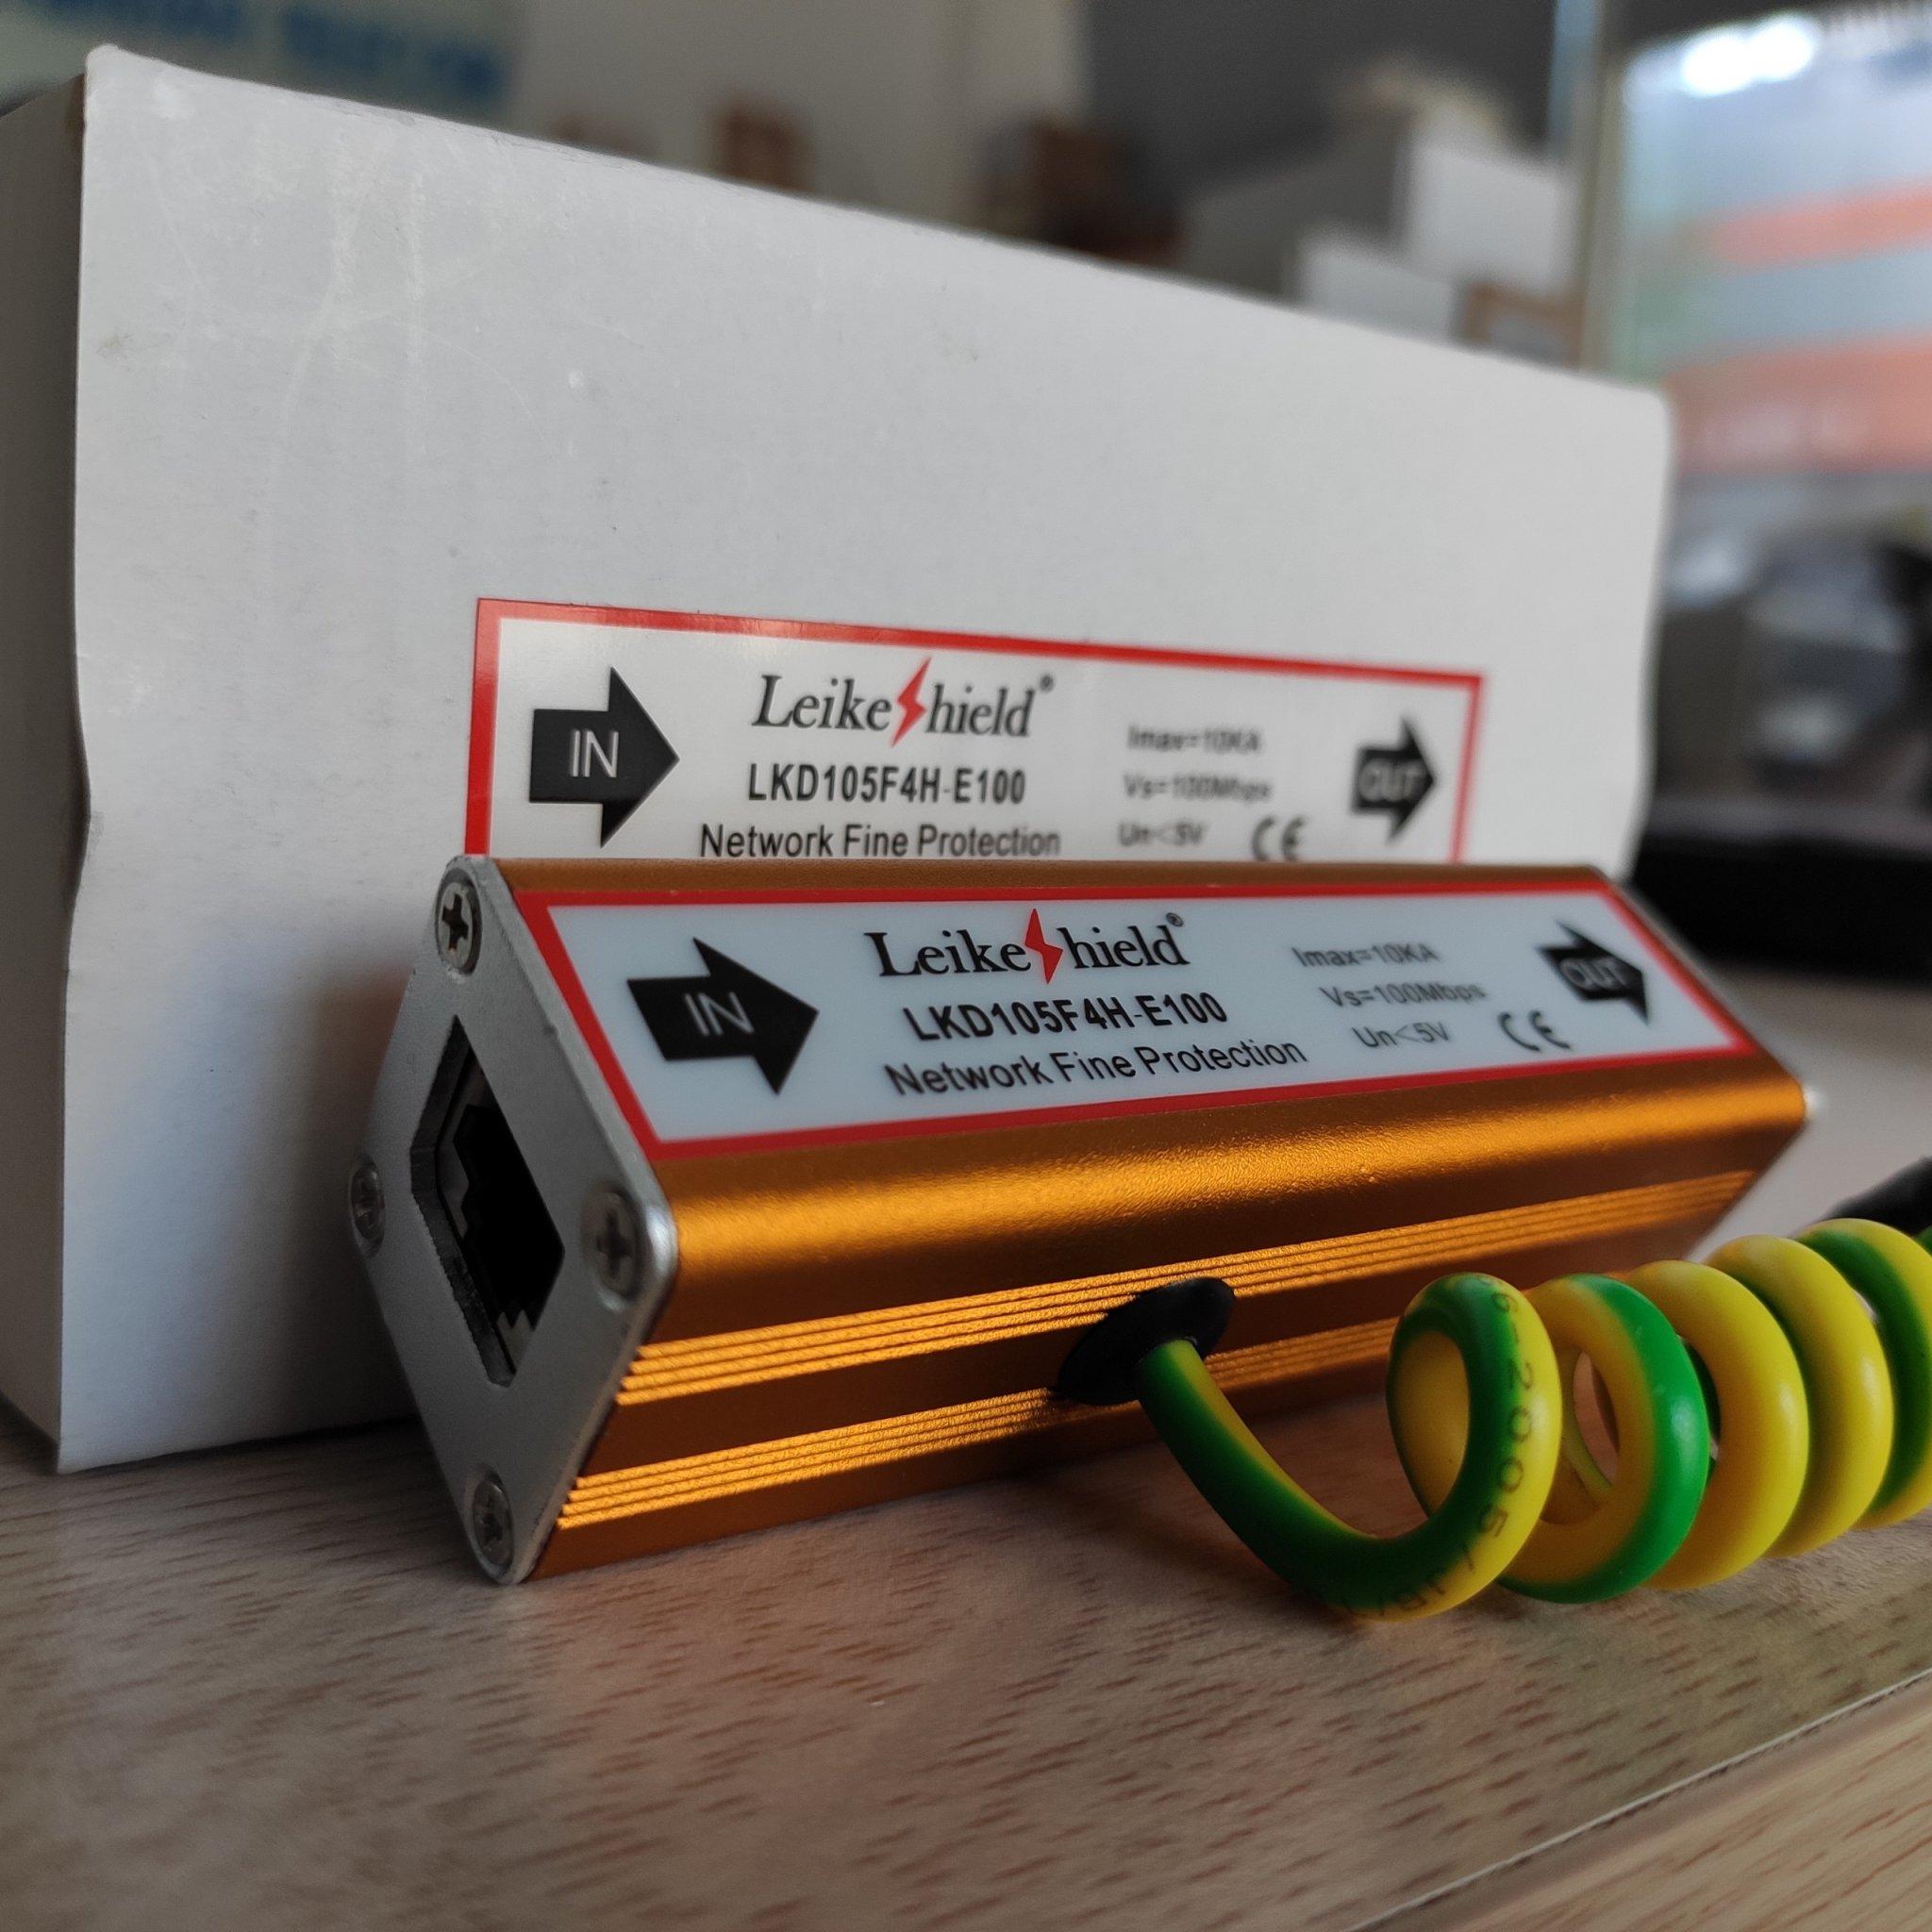 Thiết bị chống sét lan truyền mạng lan rj45 cho camera IP LKD105F4H-E100